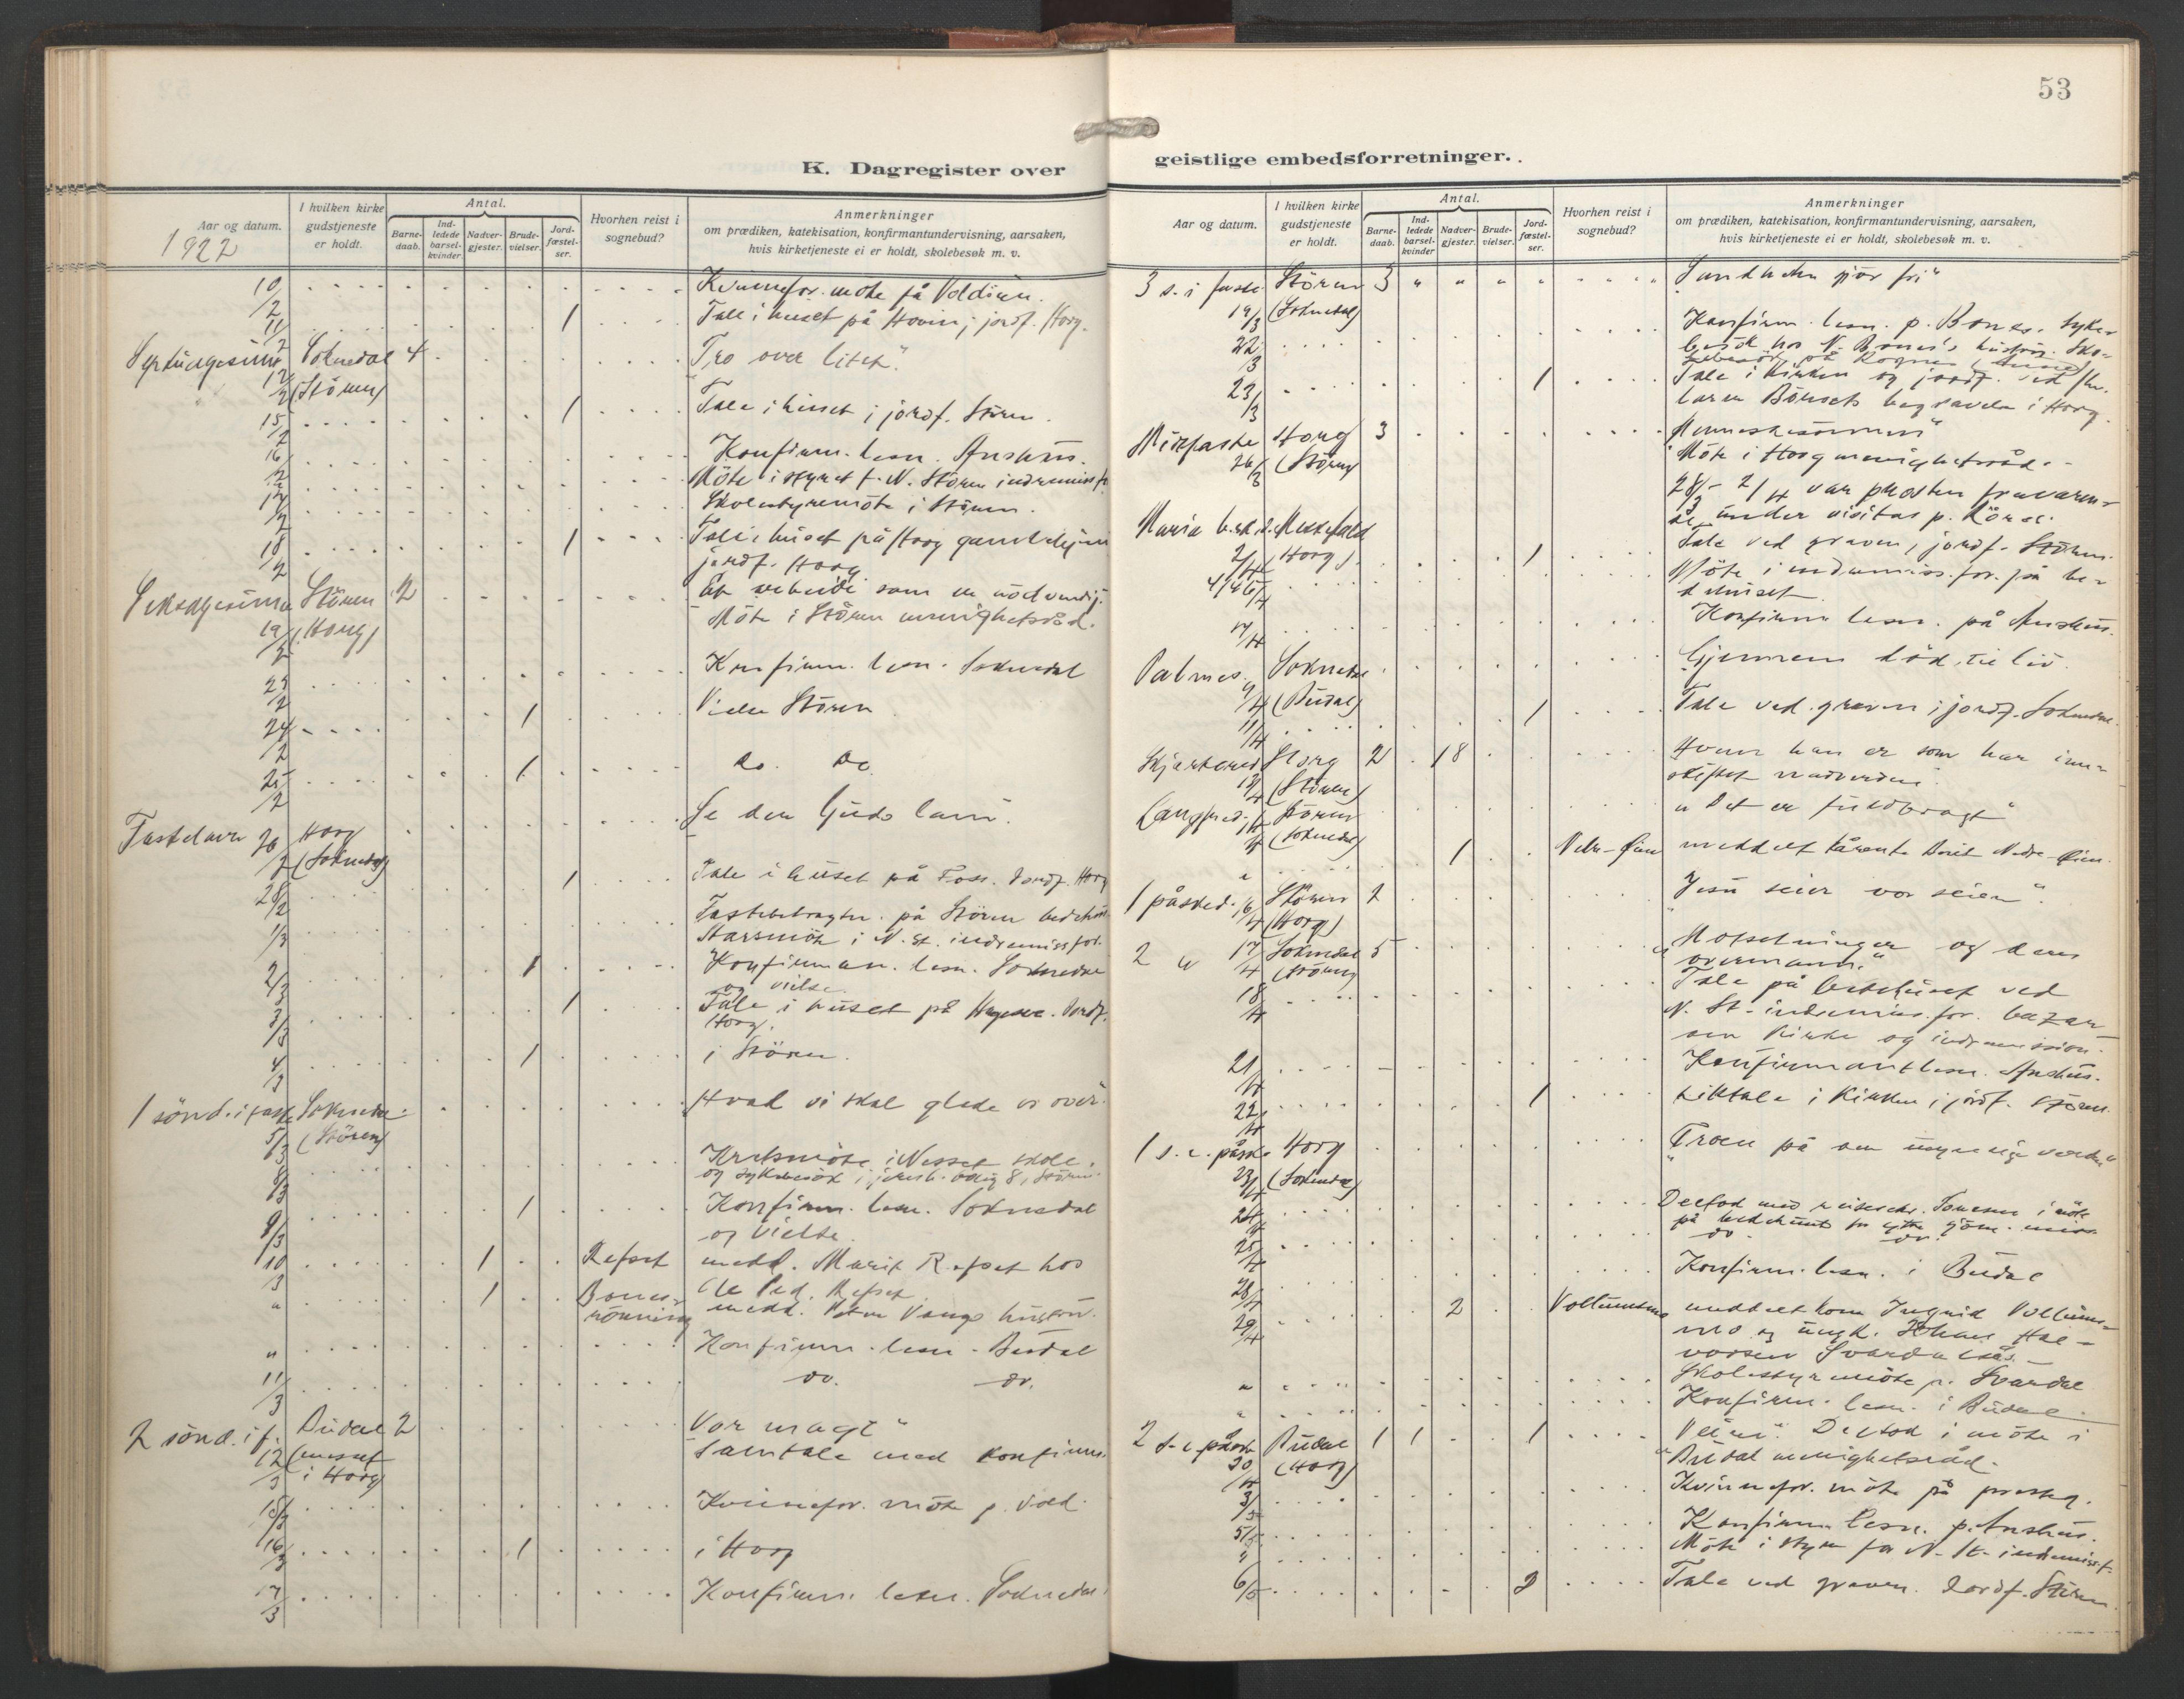 SAT, Ministerialprotokoller, klokkerbøker og fødselsregistre - Sør-Trøndelag, 687/L1006: Dagregister nr. 687A12, 1912-1931, s. 53